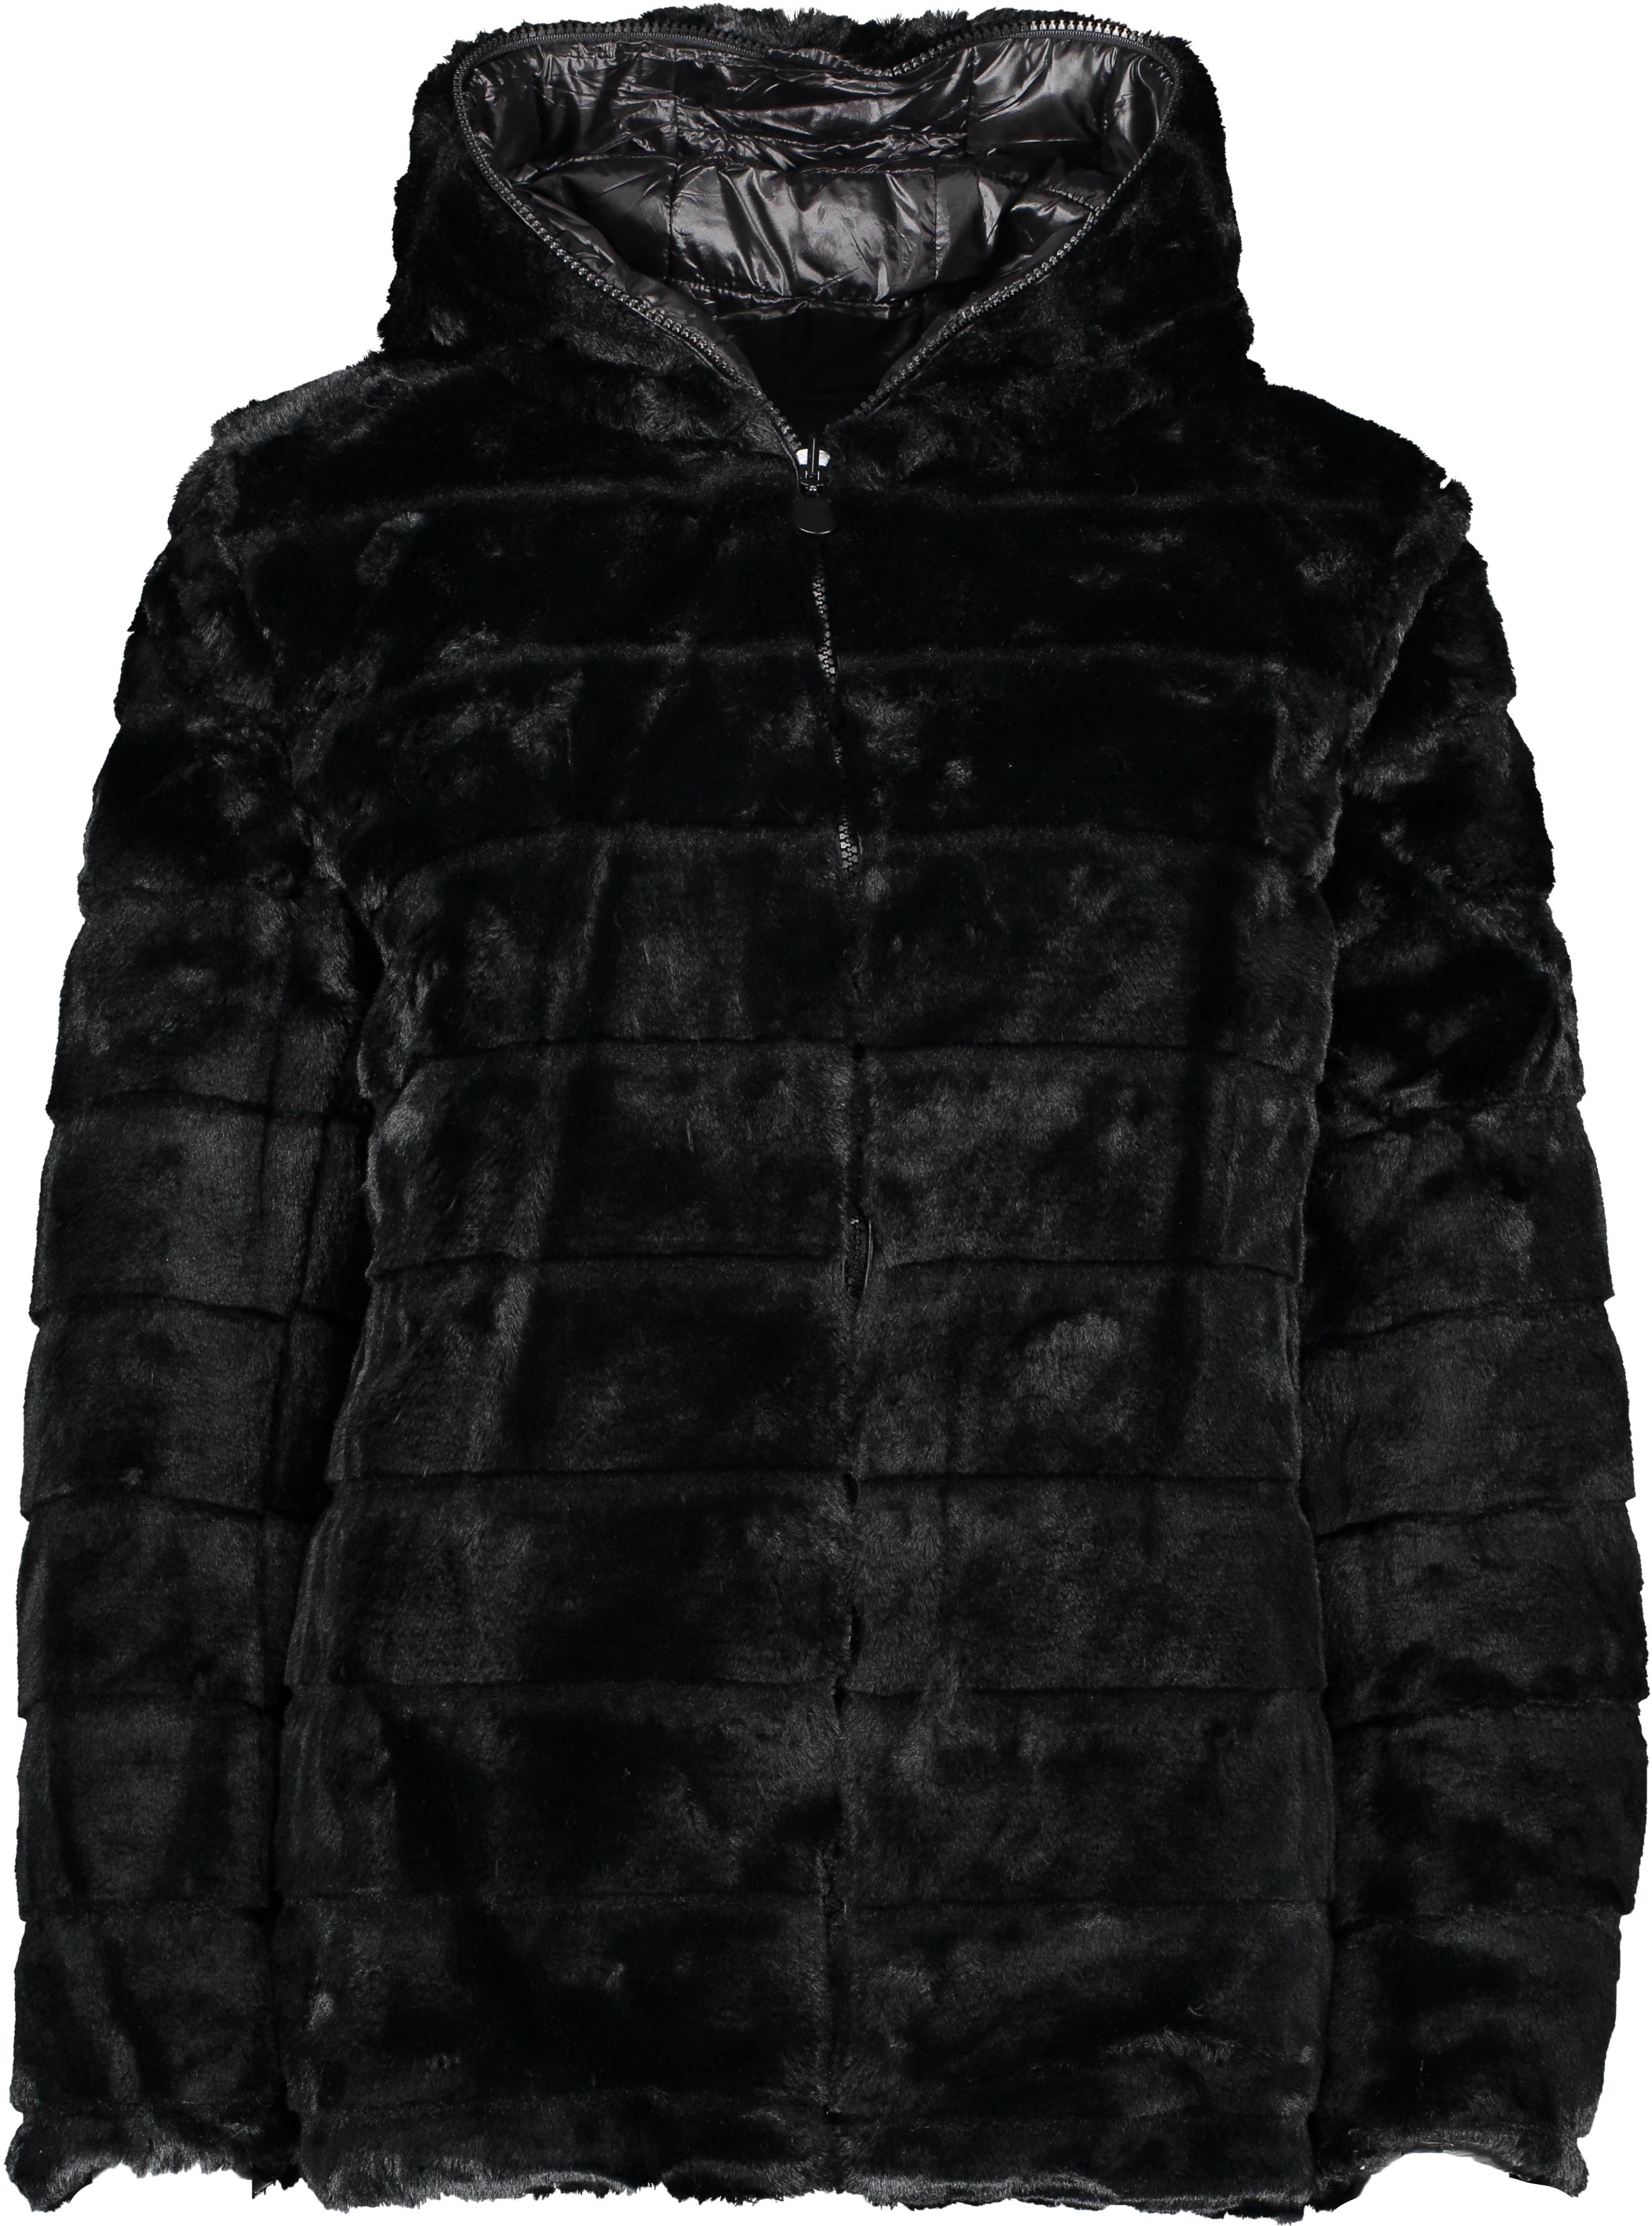 Winter Selection Wende-Winterjacke in Schwarz günstig kaufen